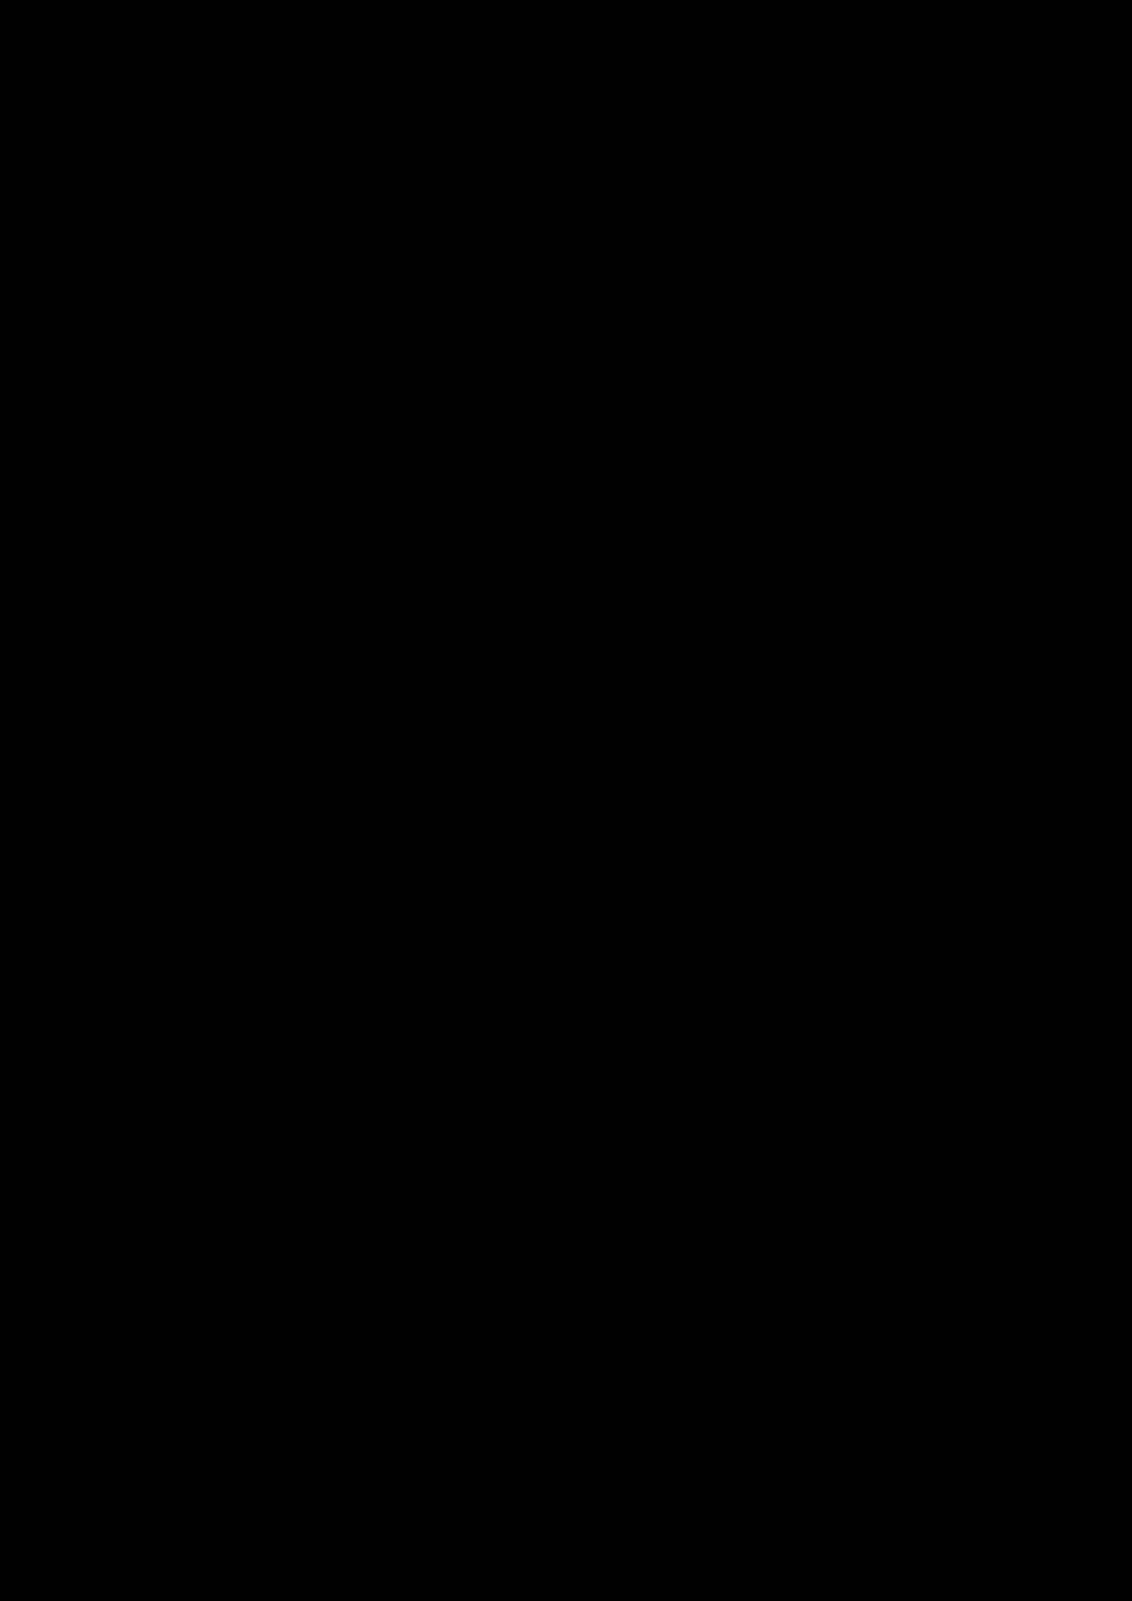 Hools slide, Image 24